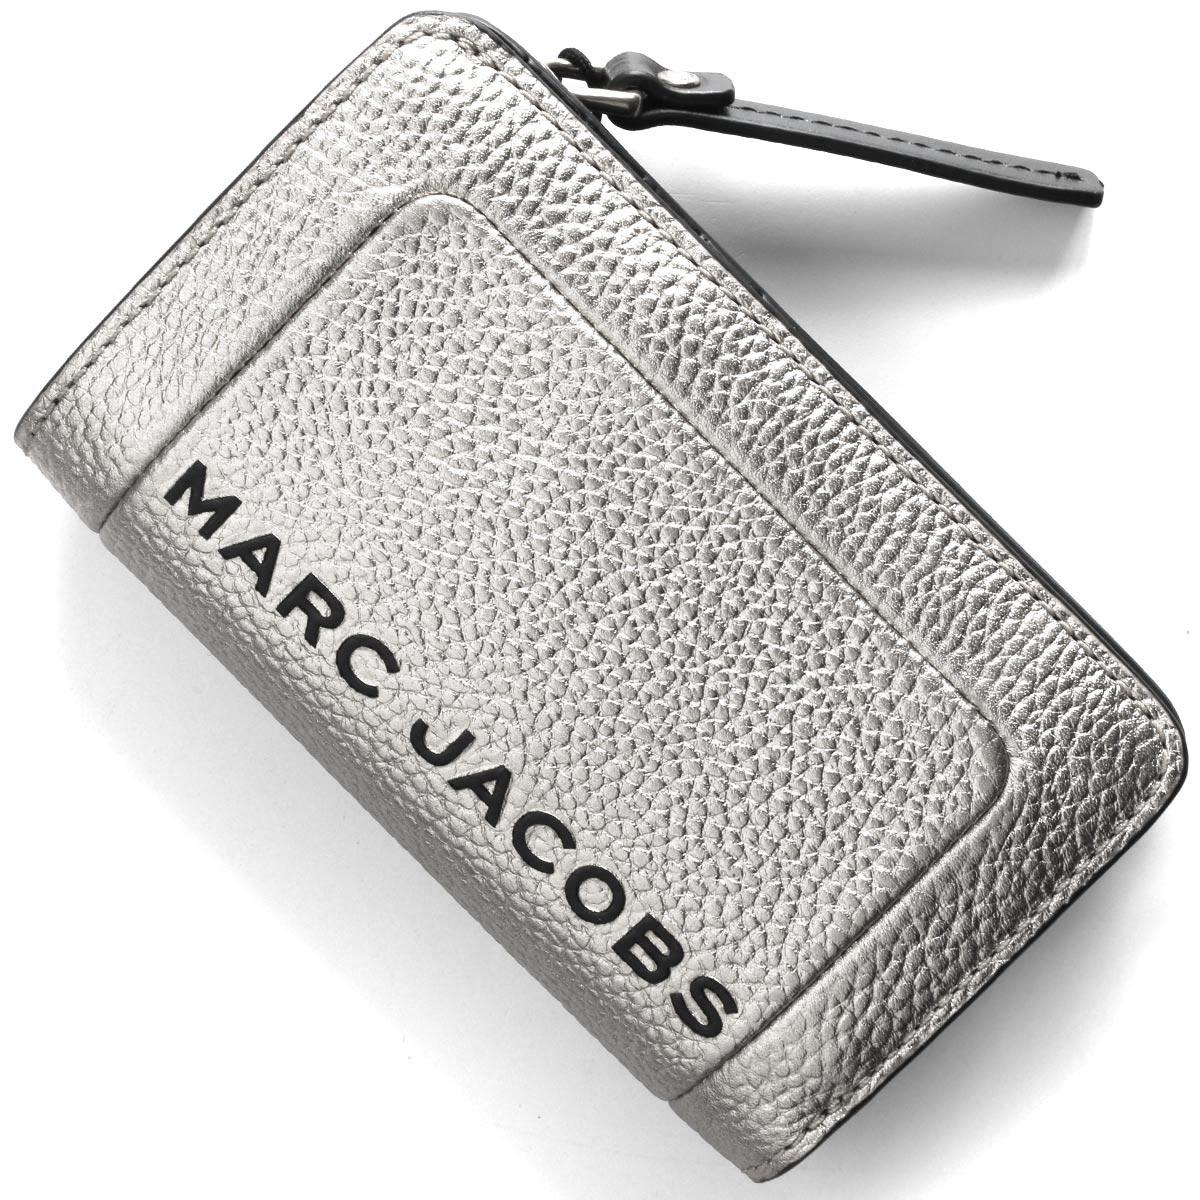 マークジェイコブス 二つ折り財布 財布 レディース ザ テクスチャード ボックス プラチナシルバー M0016185 045 MARC JACOBS